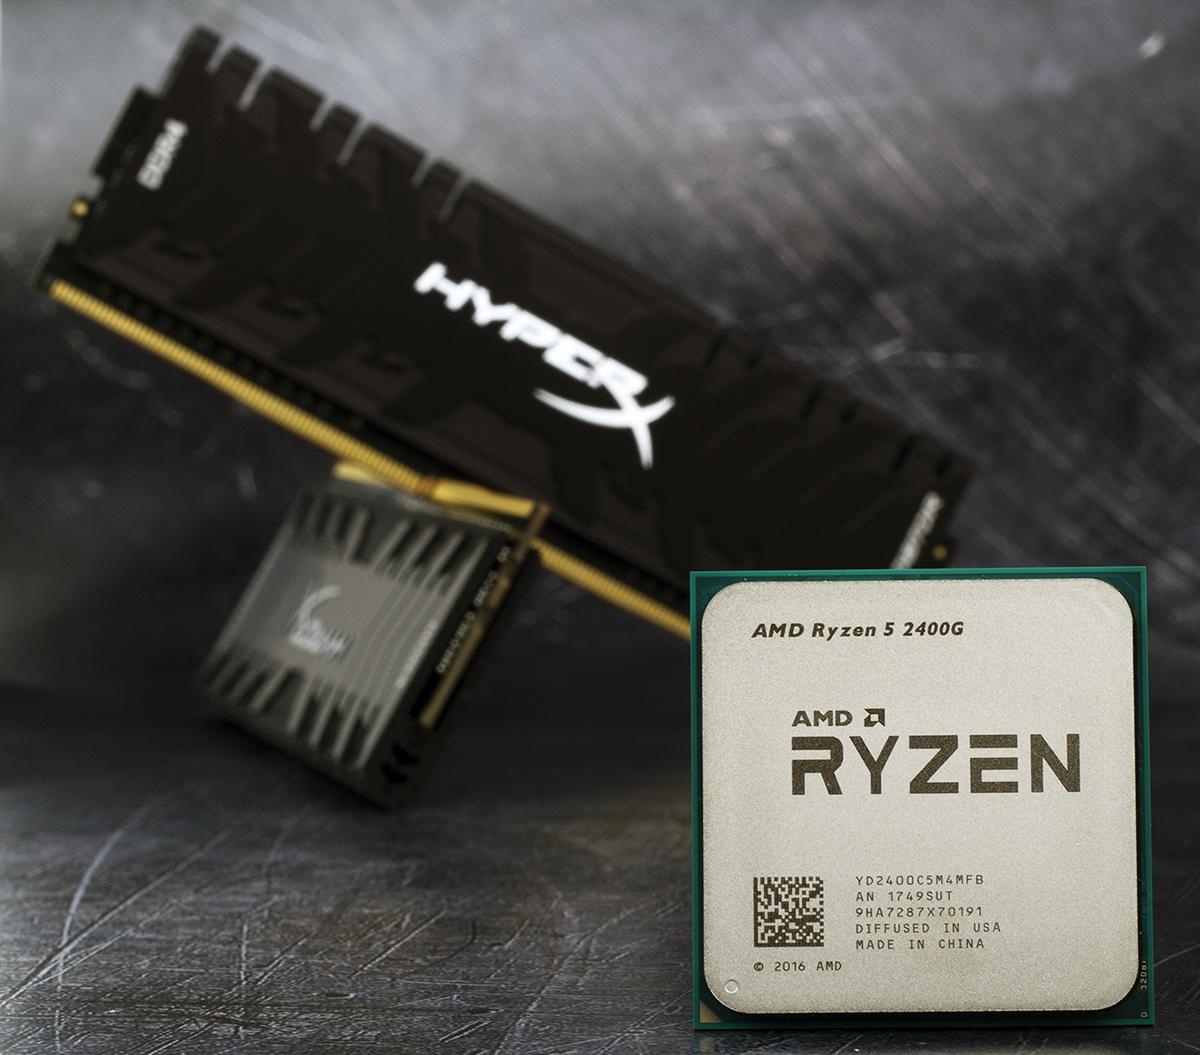 Встроенная графика AMD Ryzen 5 2400G против NVIDIA GeForce GT 1030, или Зачем компьютеру высокочастотная память - 2